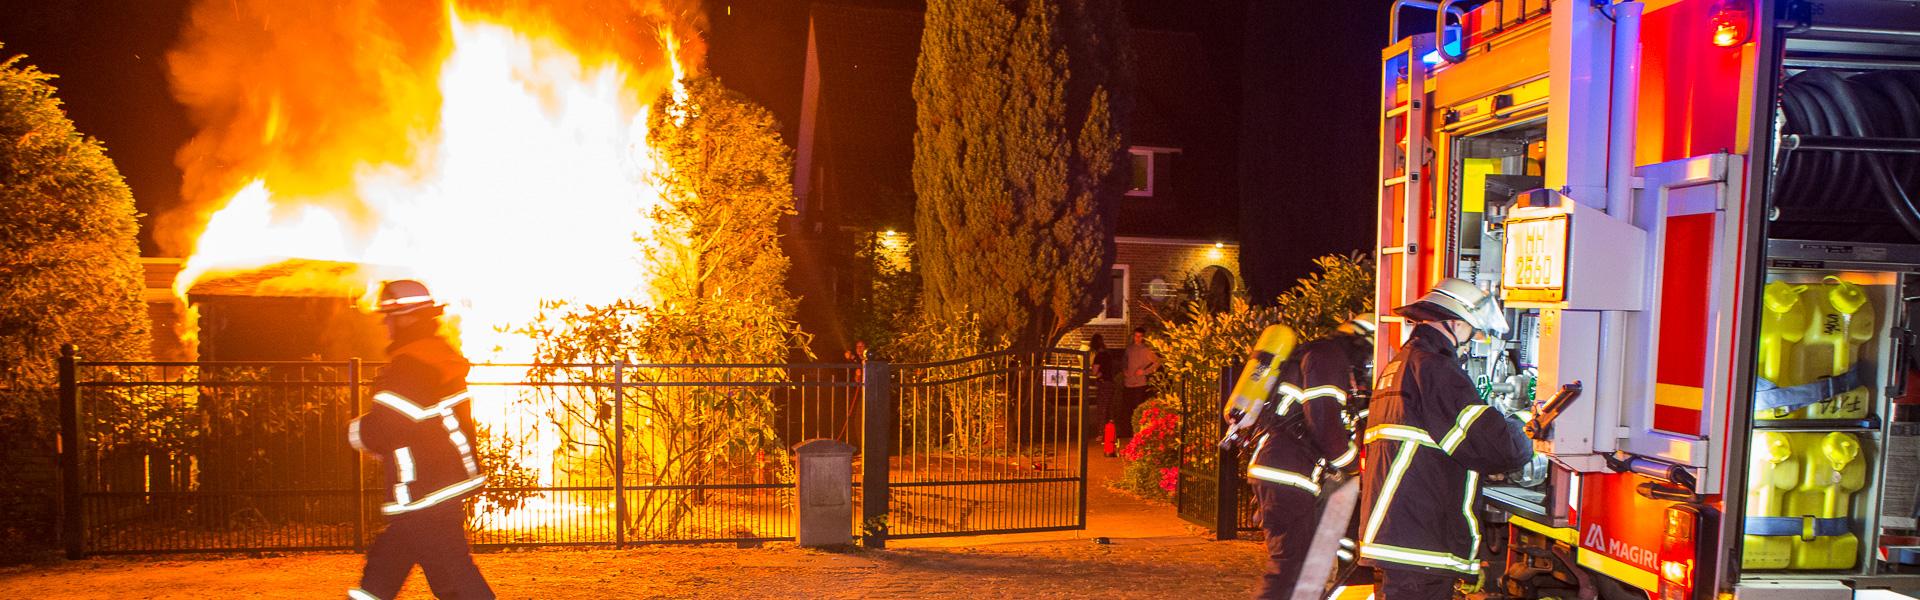 12.05.2019 – Gartenschuppenbrand reißt Bewohner aus dem Schlaf